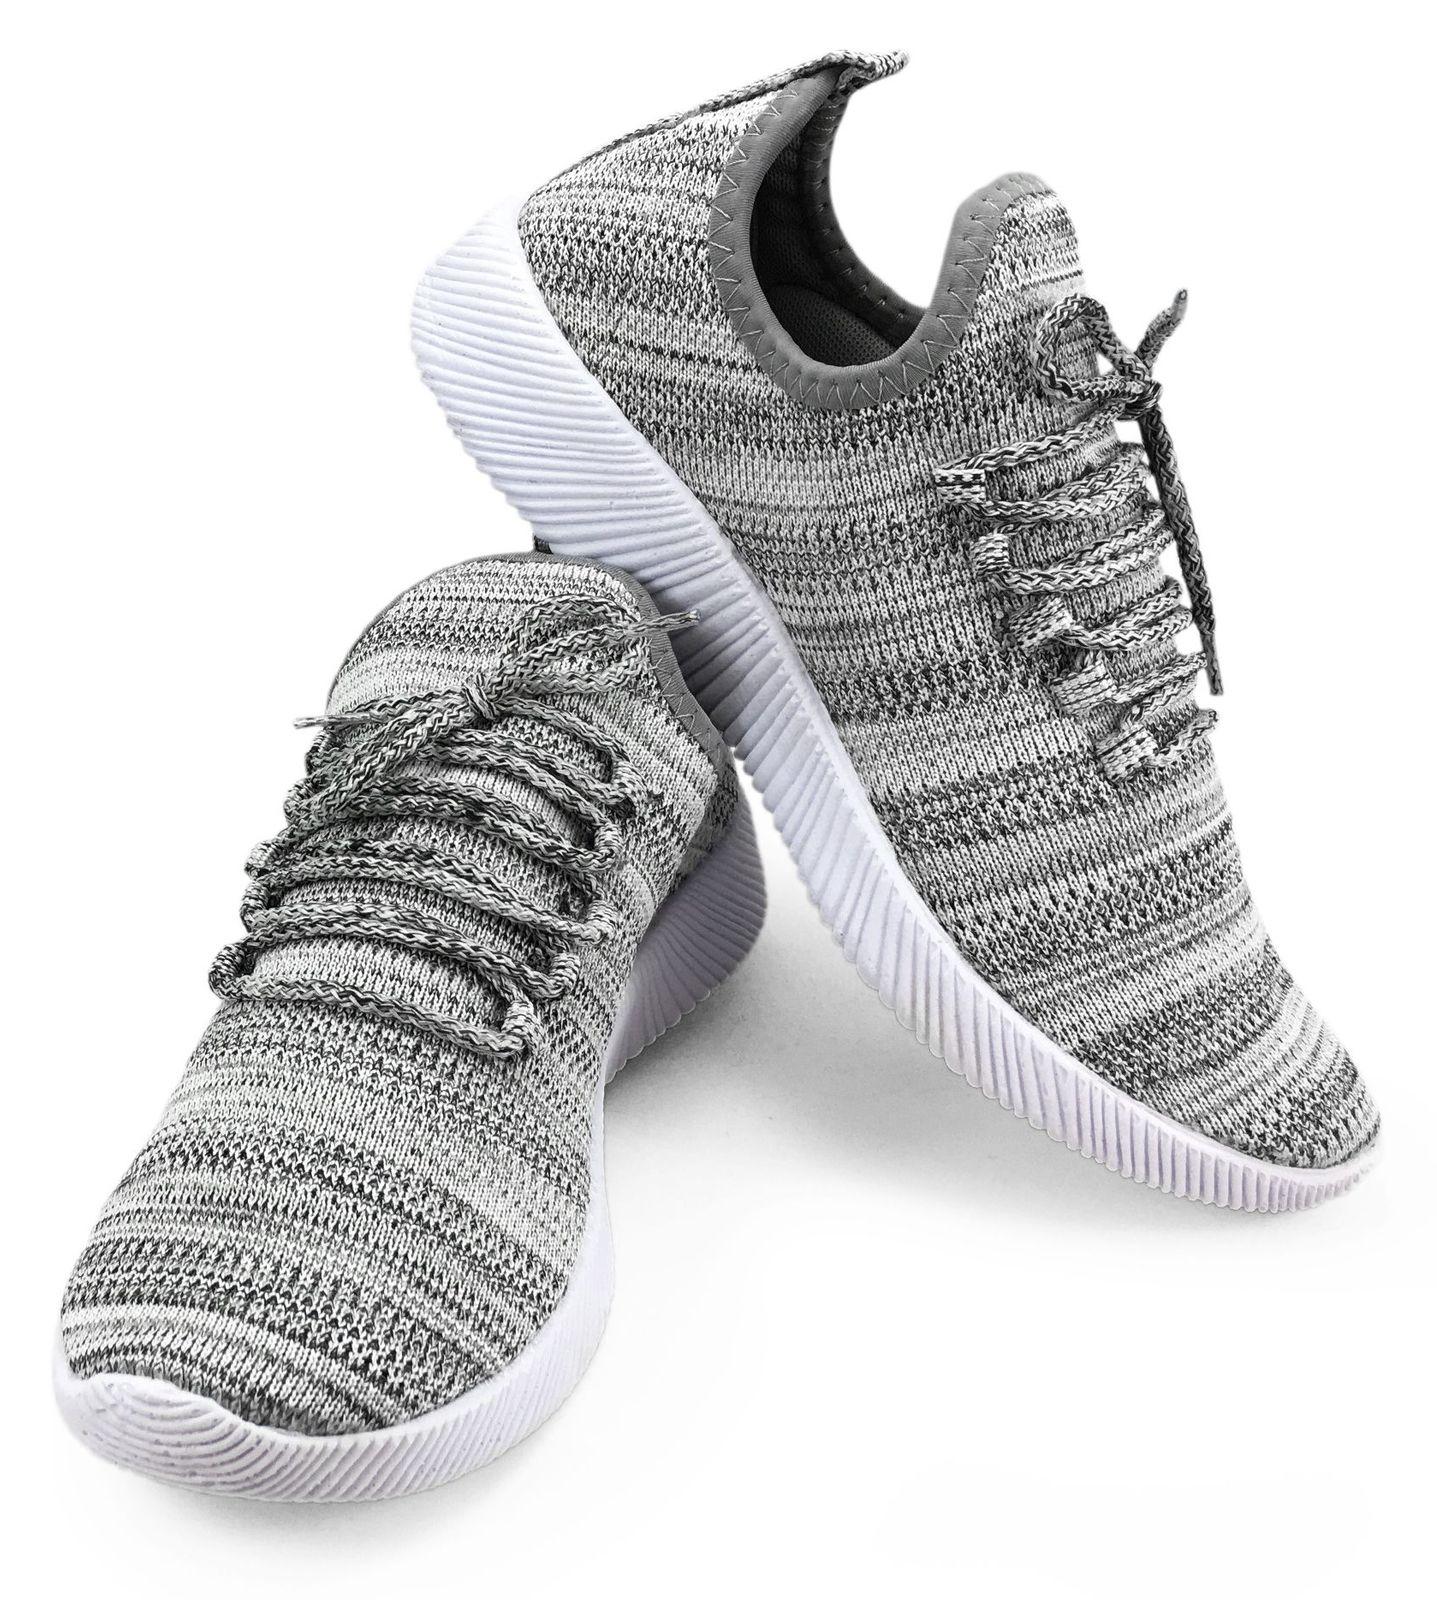 کفش مخصوص دویدن مردانه مدل اسکای کد 4105 main 1 3